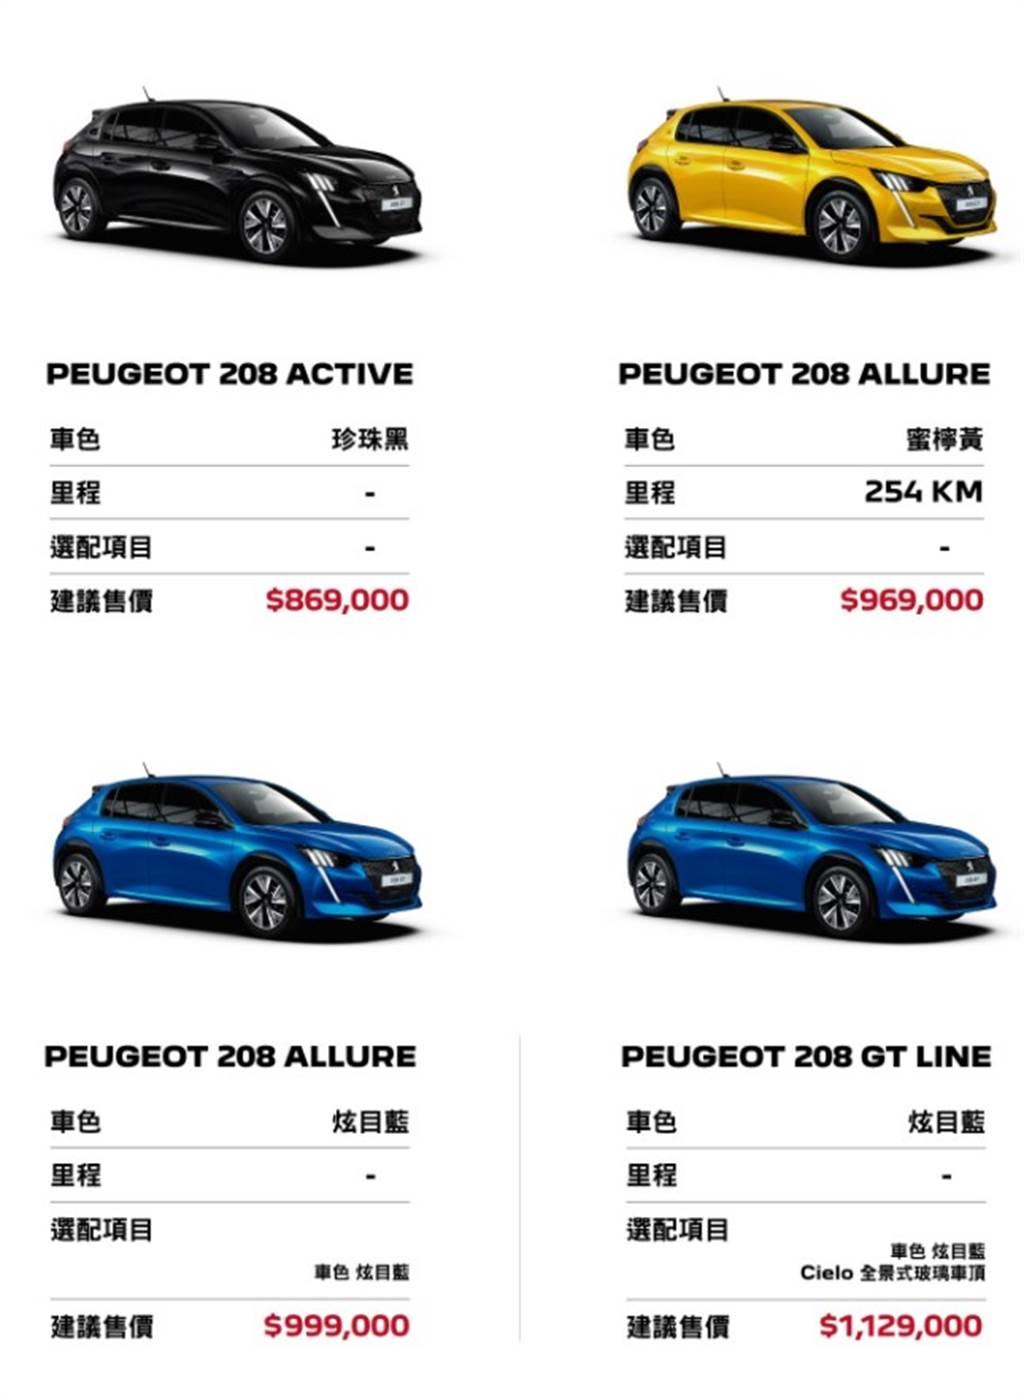 Peugoet 208僅提供4台現車販售,想要購買得要抽籤才有機會!(圖/擷取自寶嘉聯合官網)